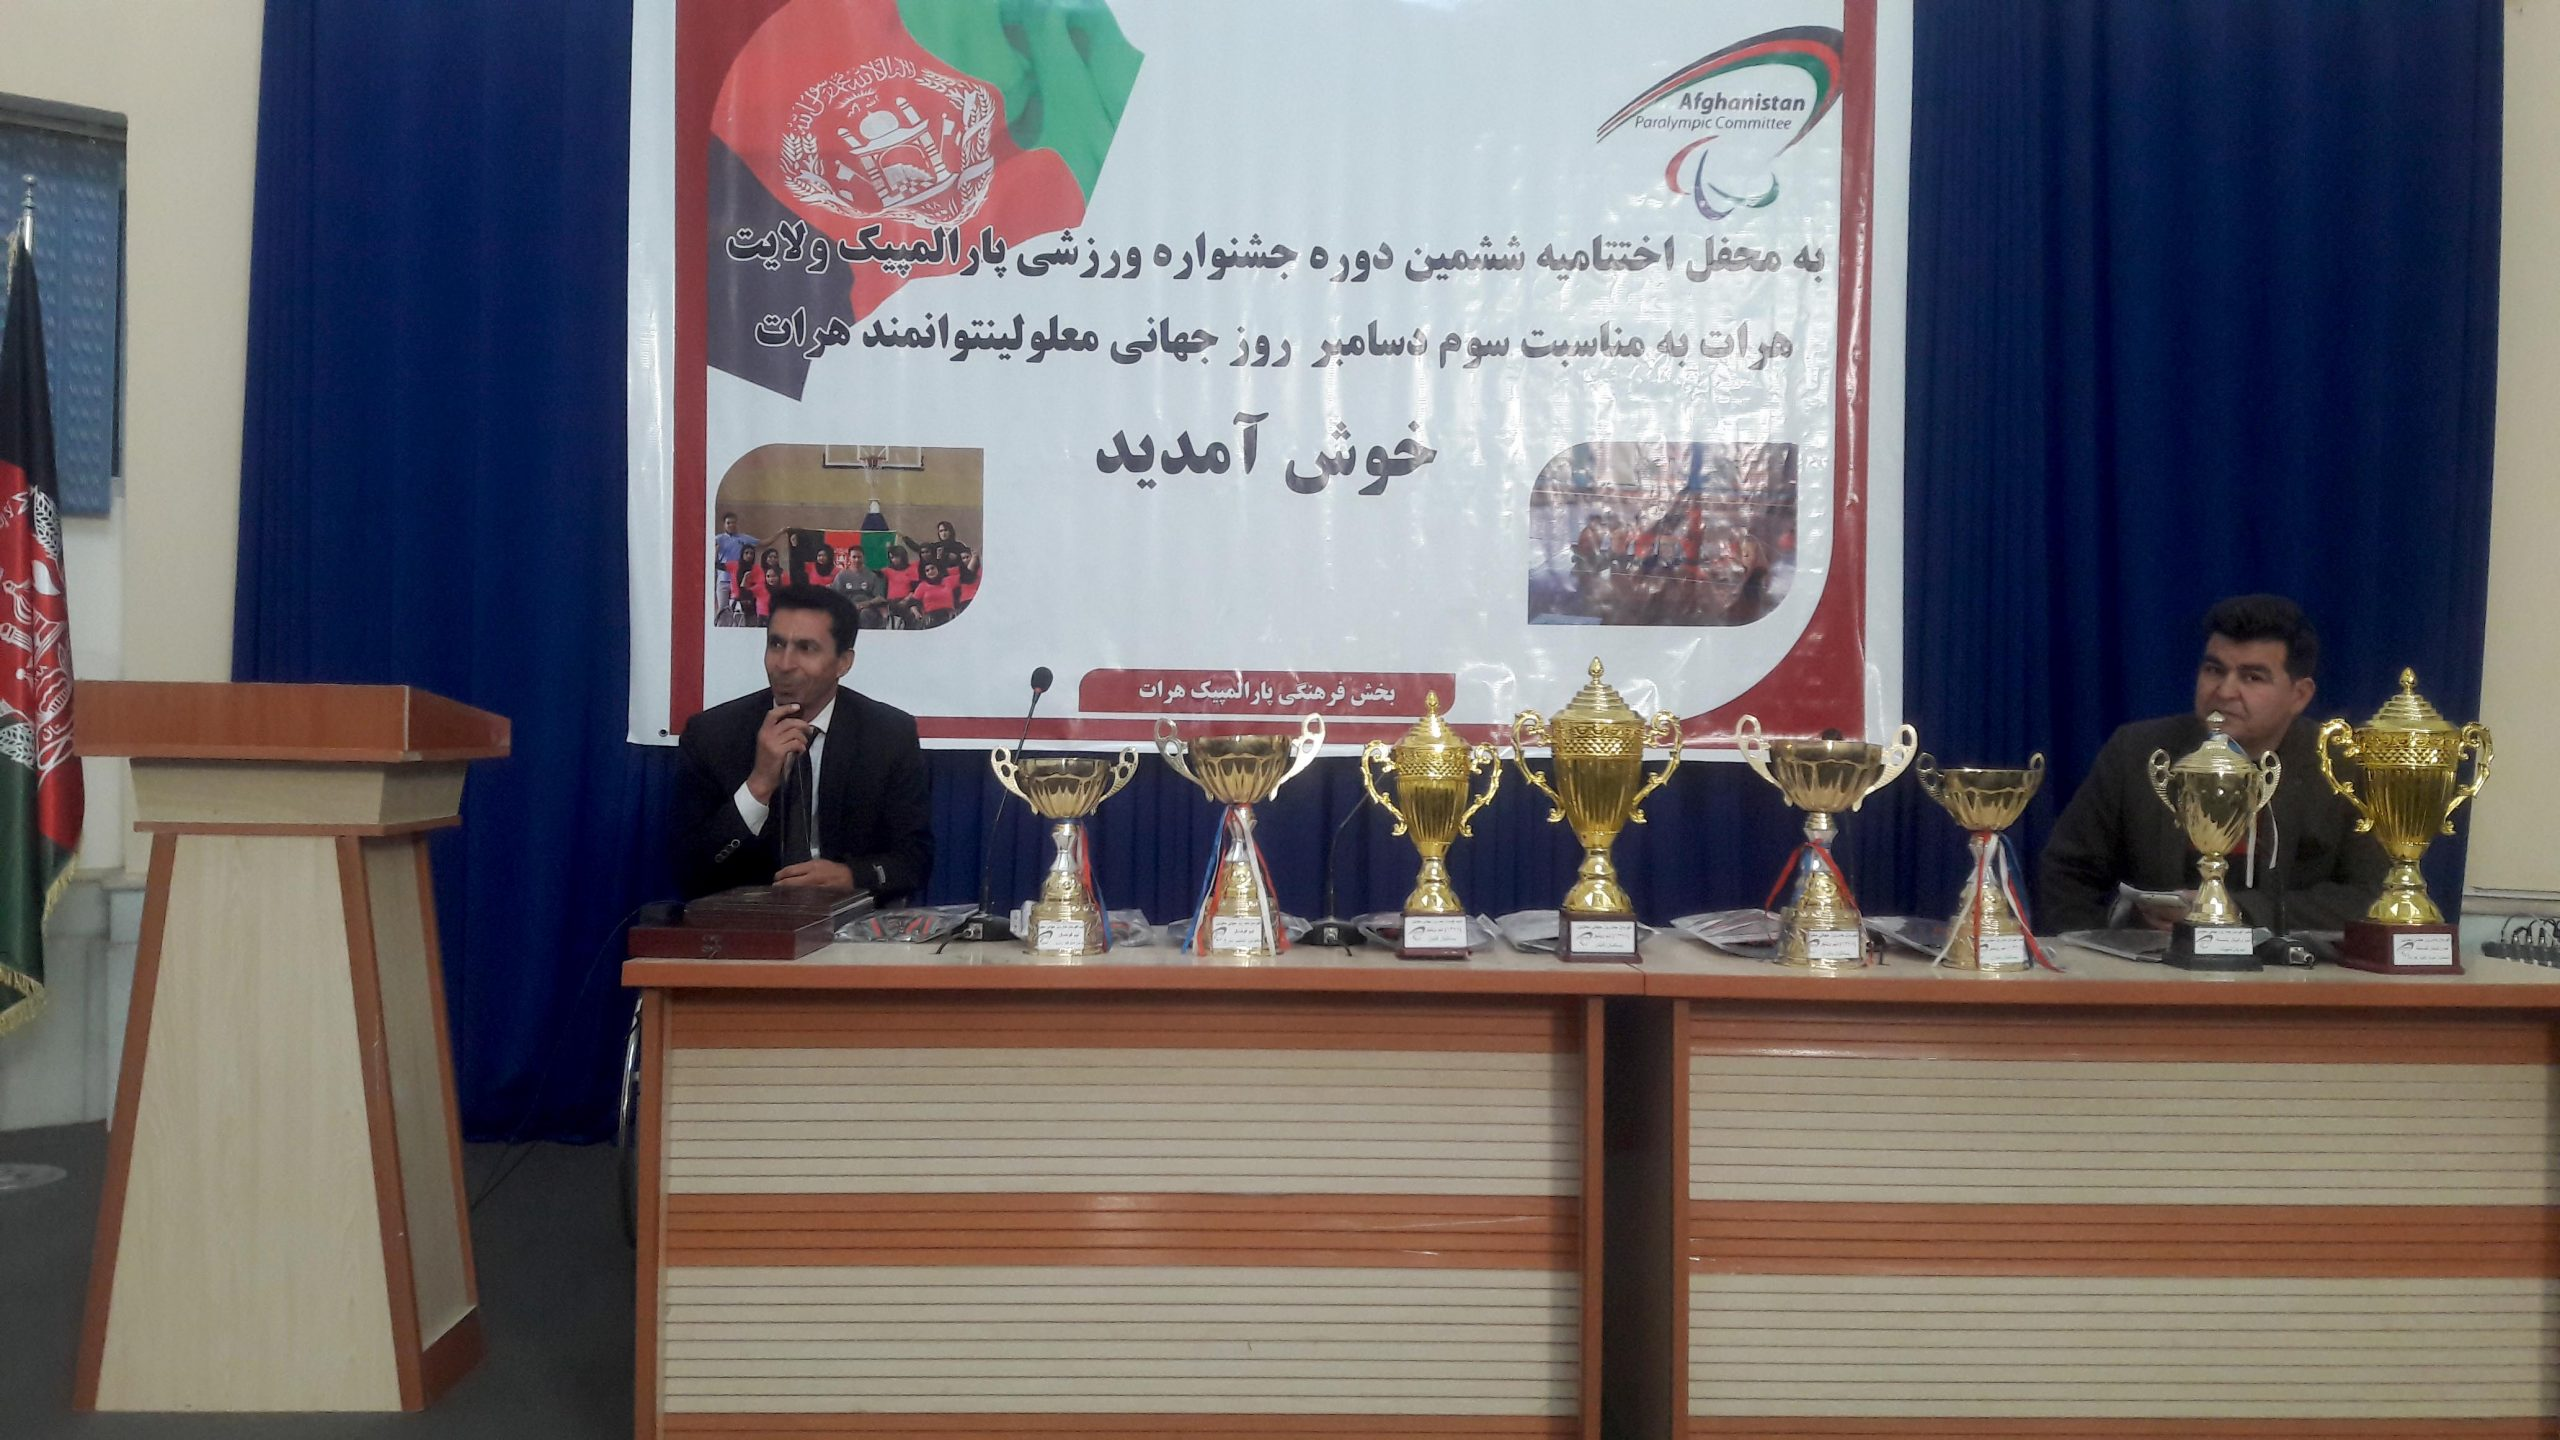 رقابتهای ورزشی جشنواره پارالمپیک در هرات پایان یافت